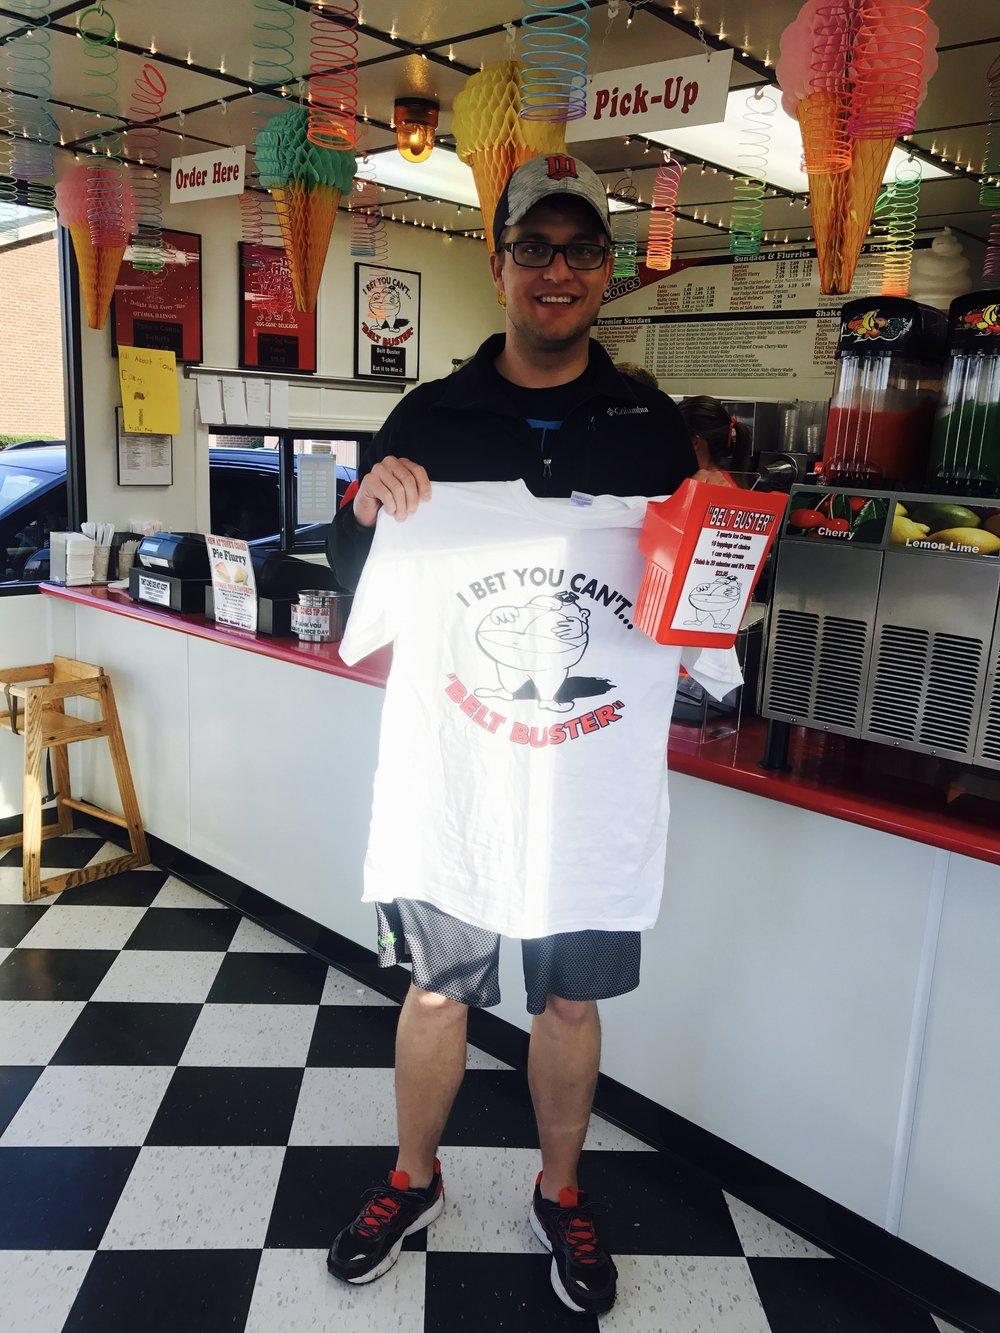 2017 Belt Buster Winner Ethan Teske